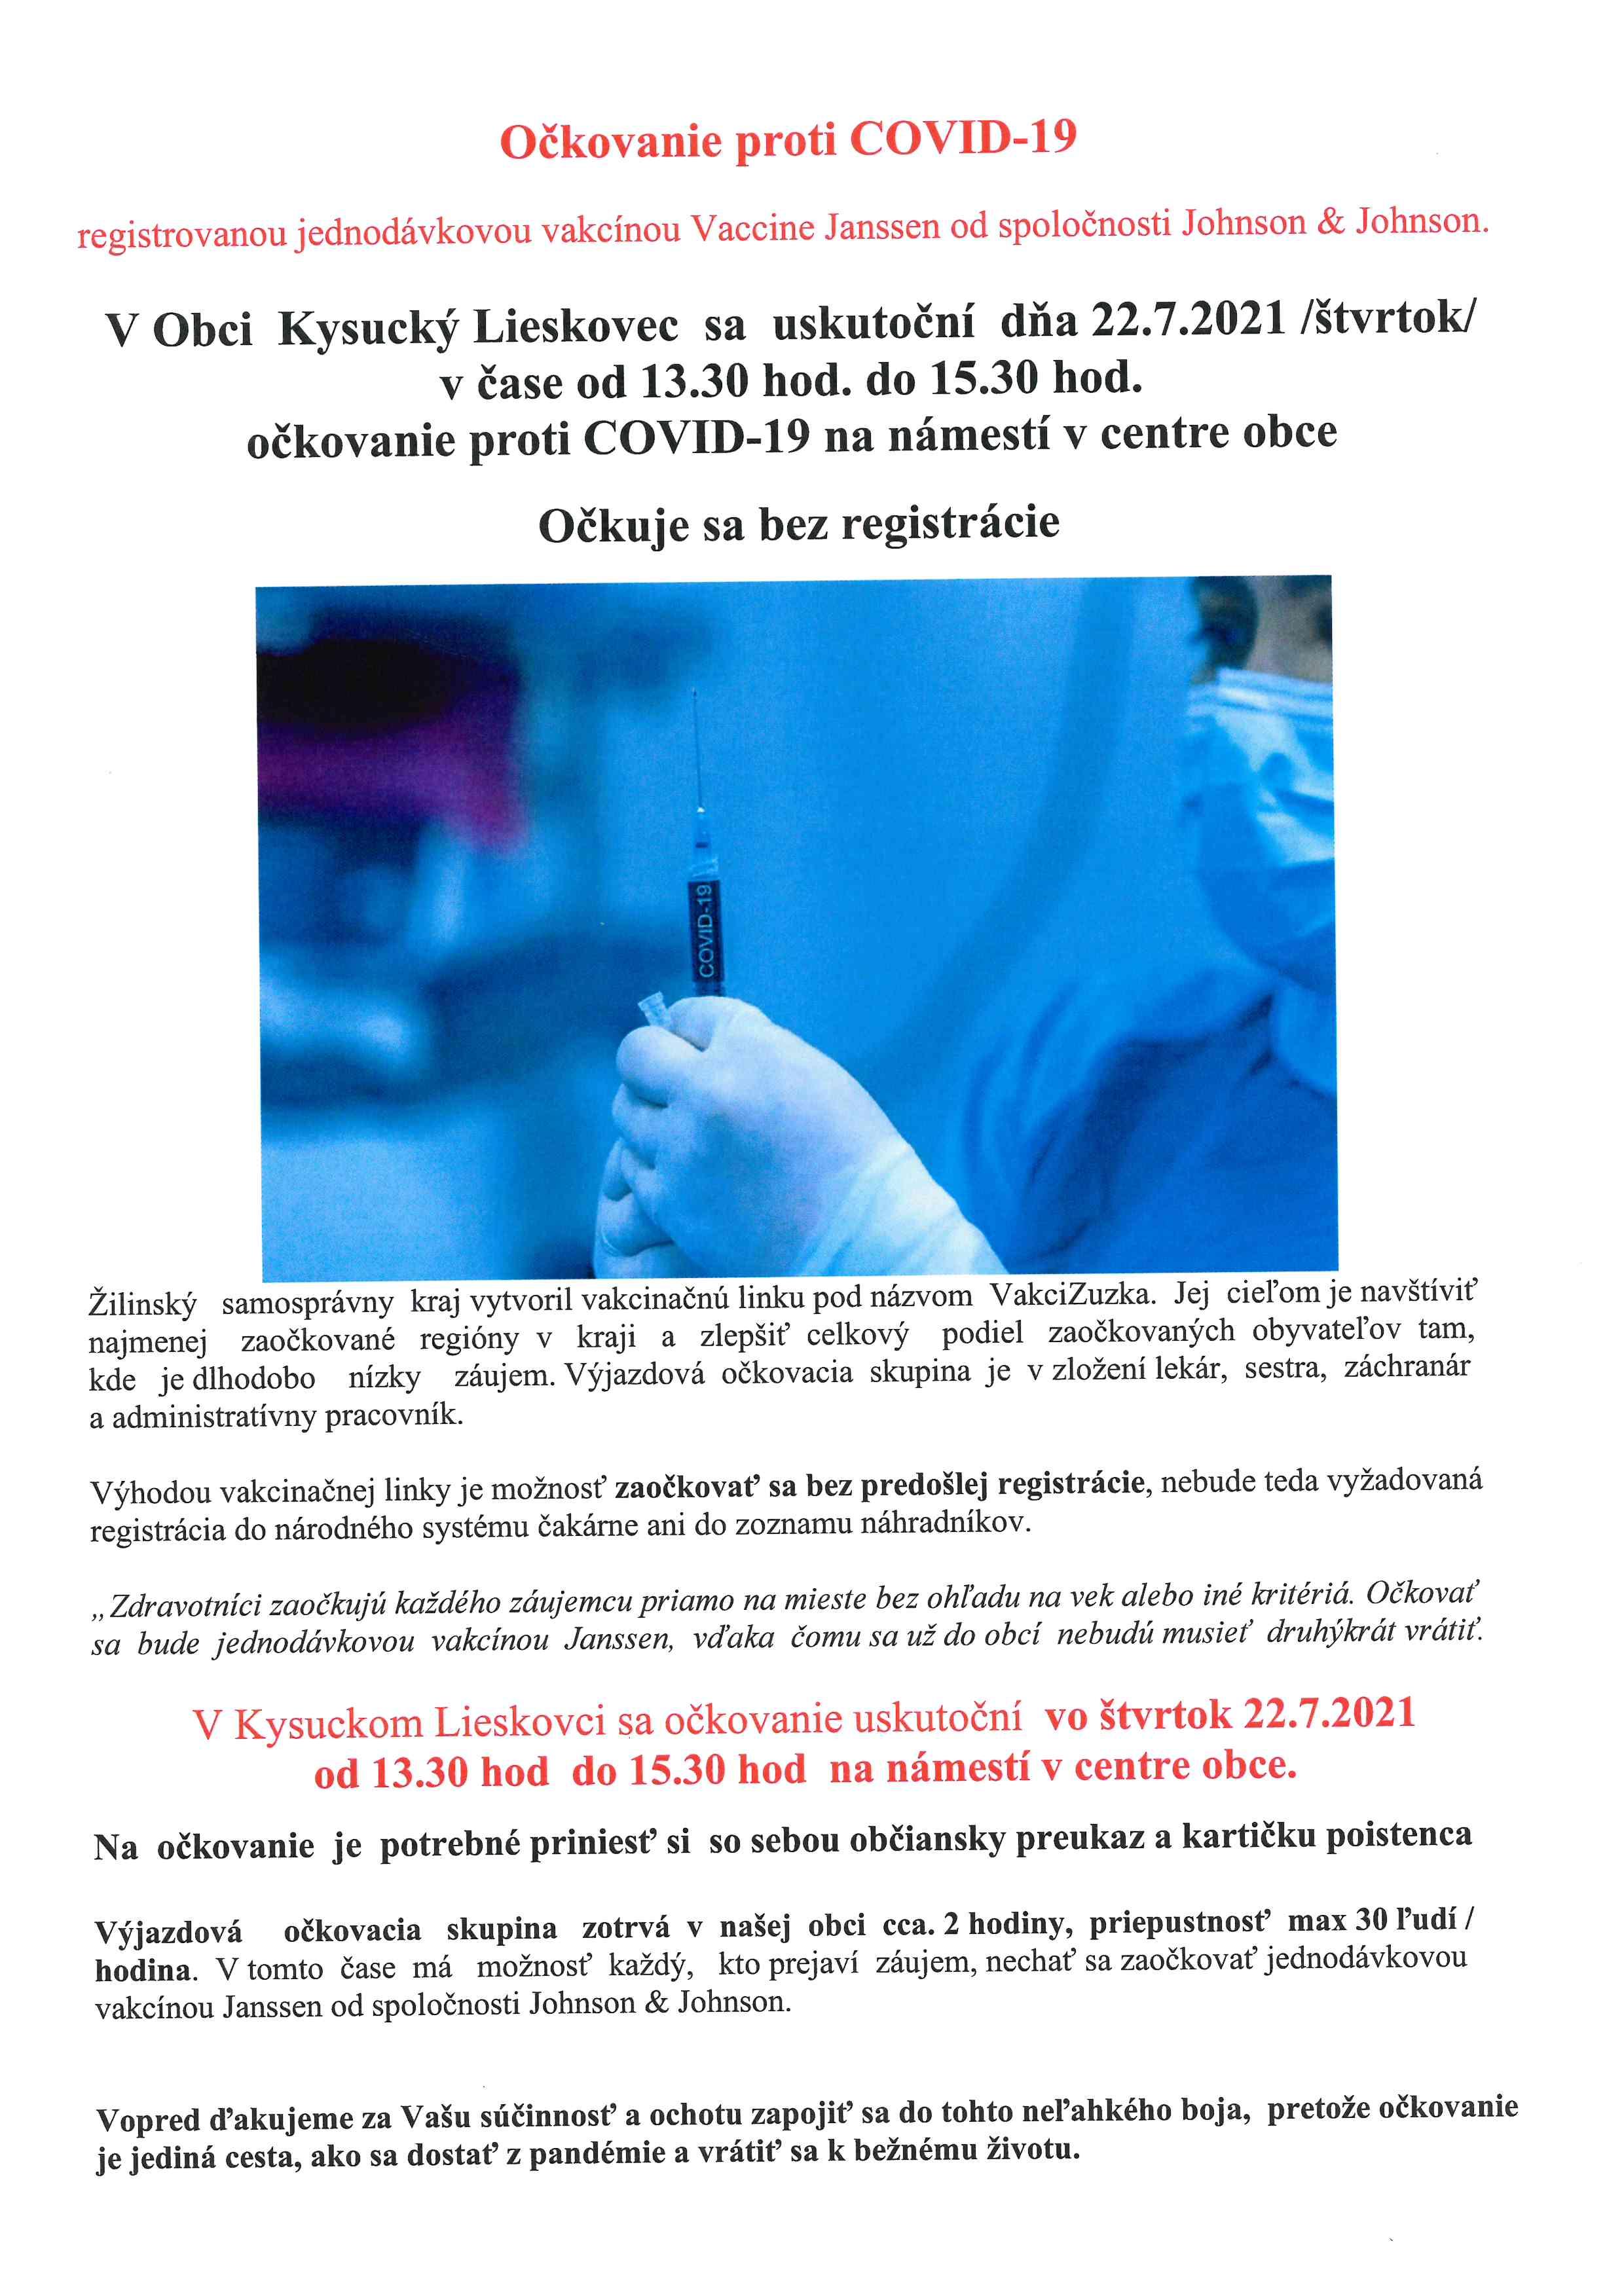 Očkovanie proti COVID-19 v našej obci